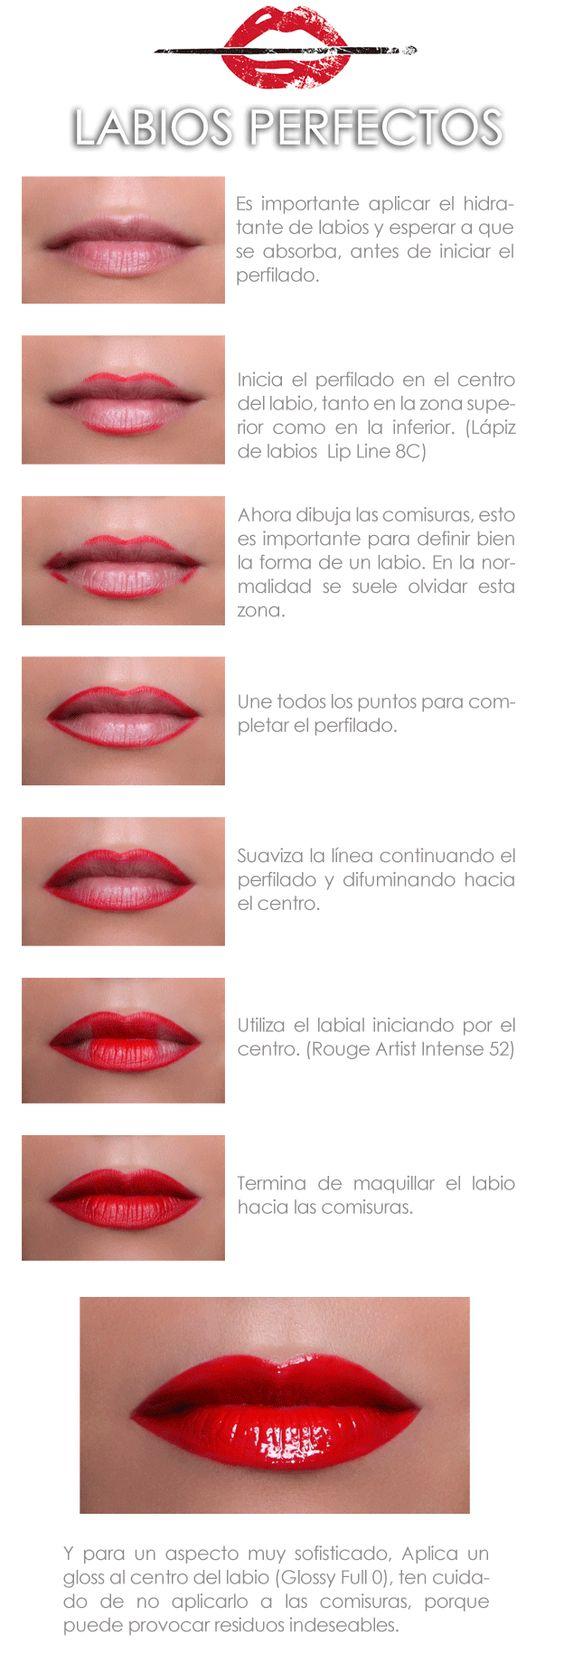 Tutoriales  y Maquillajes de labios 8b8e7dec8cd2726fe83e9239643be488